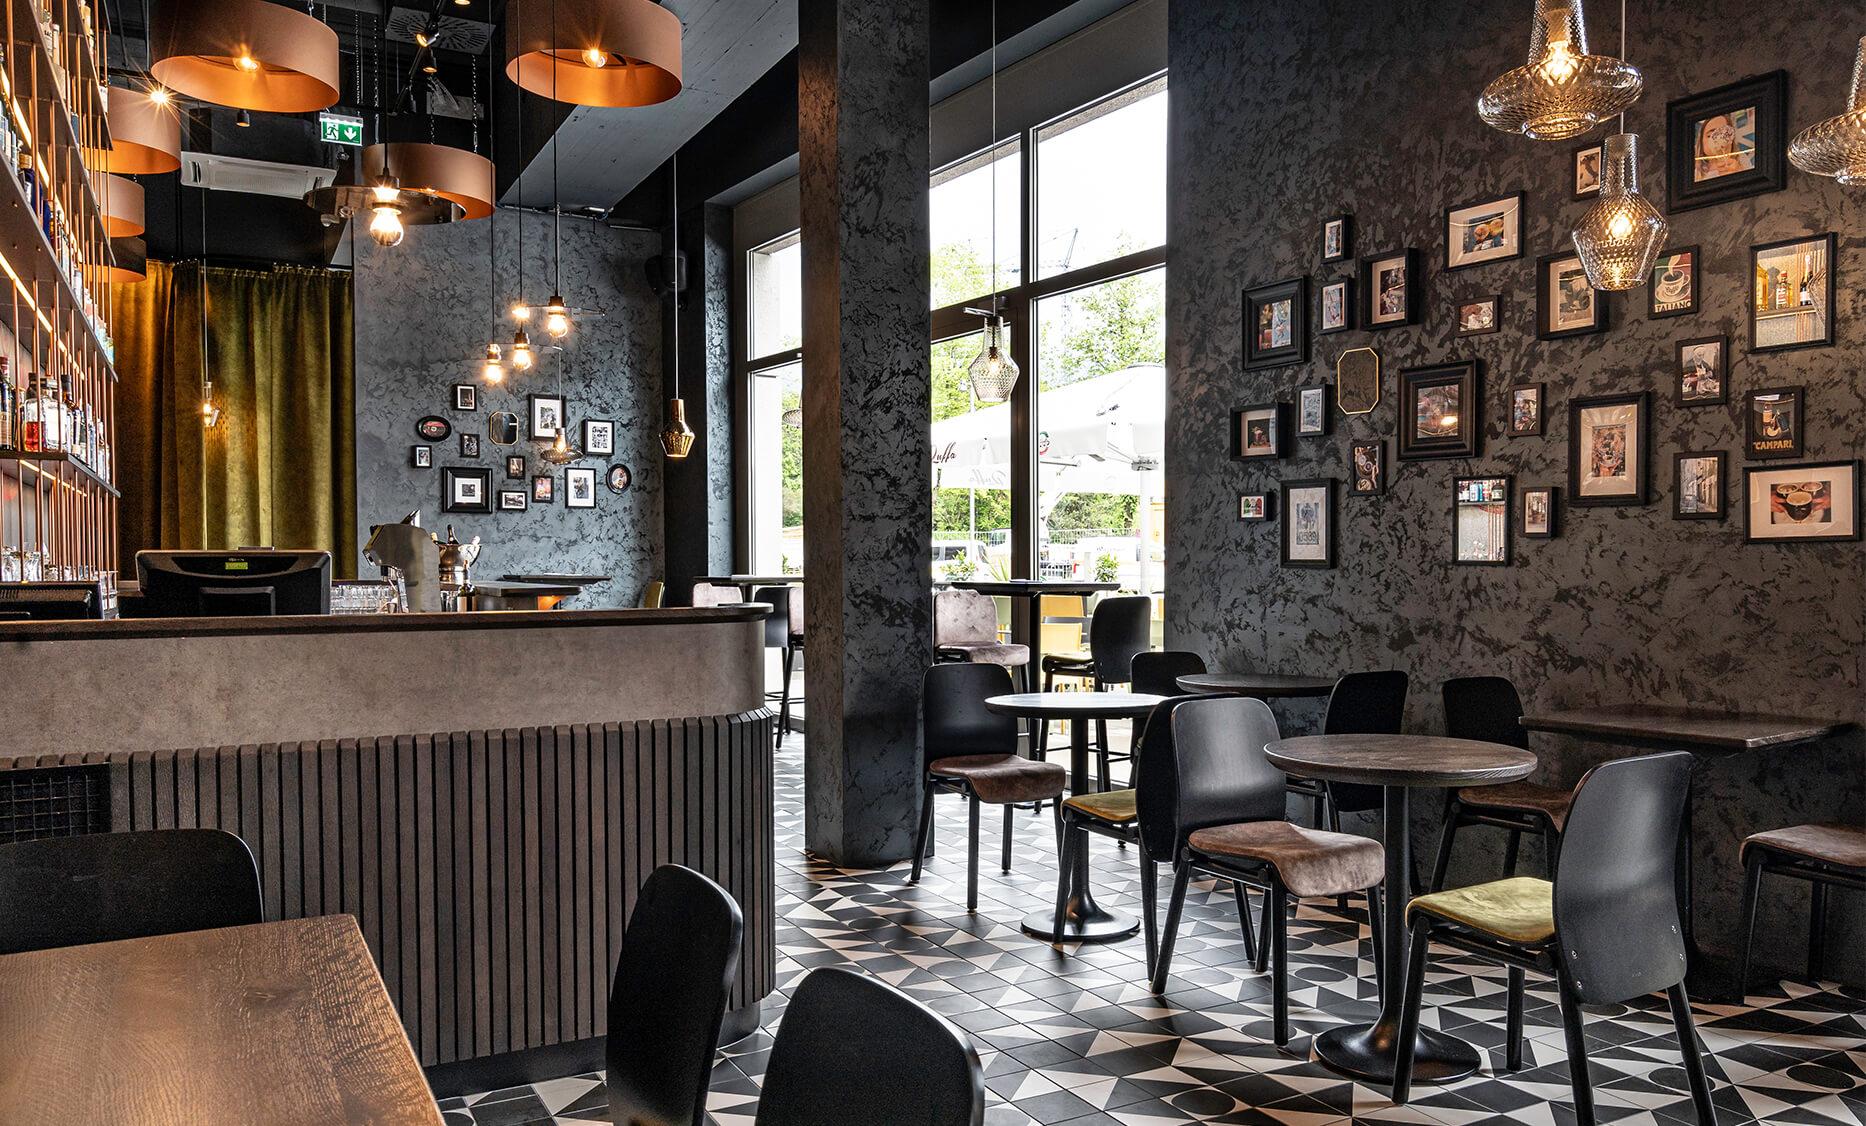 Gastronomieeinrichtung von der id Werkstatt aus Vorchdorf, Sitzbereich mit gemütlich grün tapezierten Stühlen auf einem schwarz-weiß gemusterten Fliesenboden, an der Decke Spiegellampen mit Kupfereinfassung